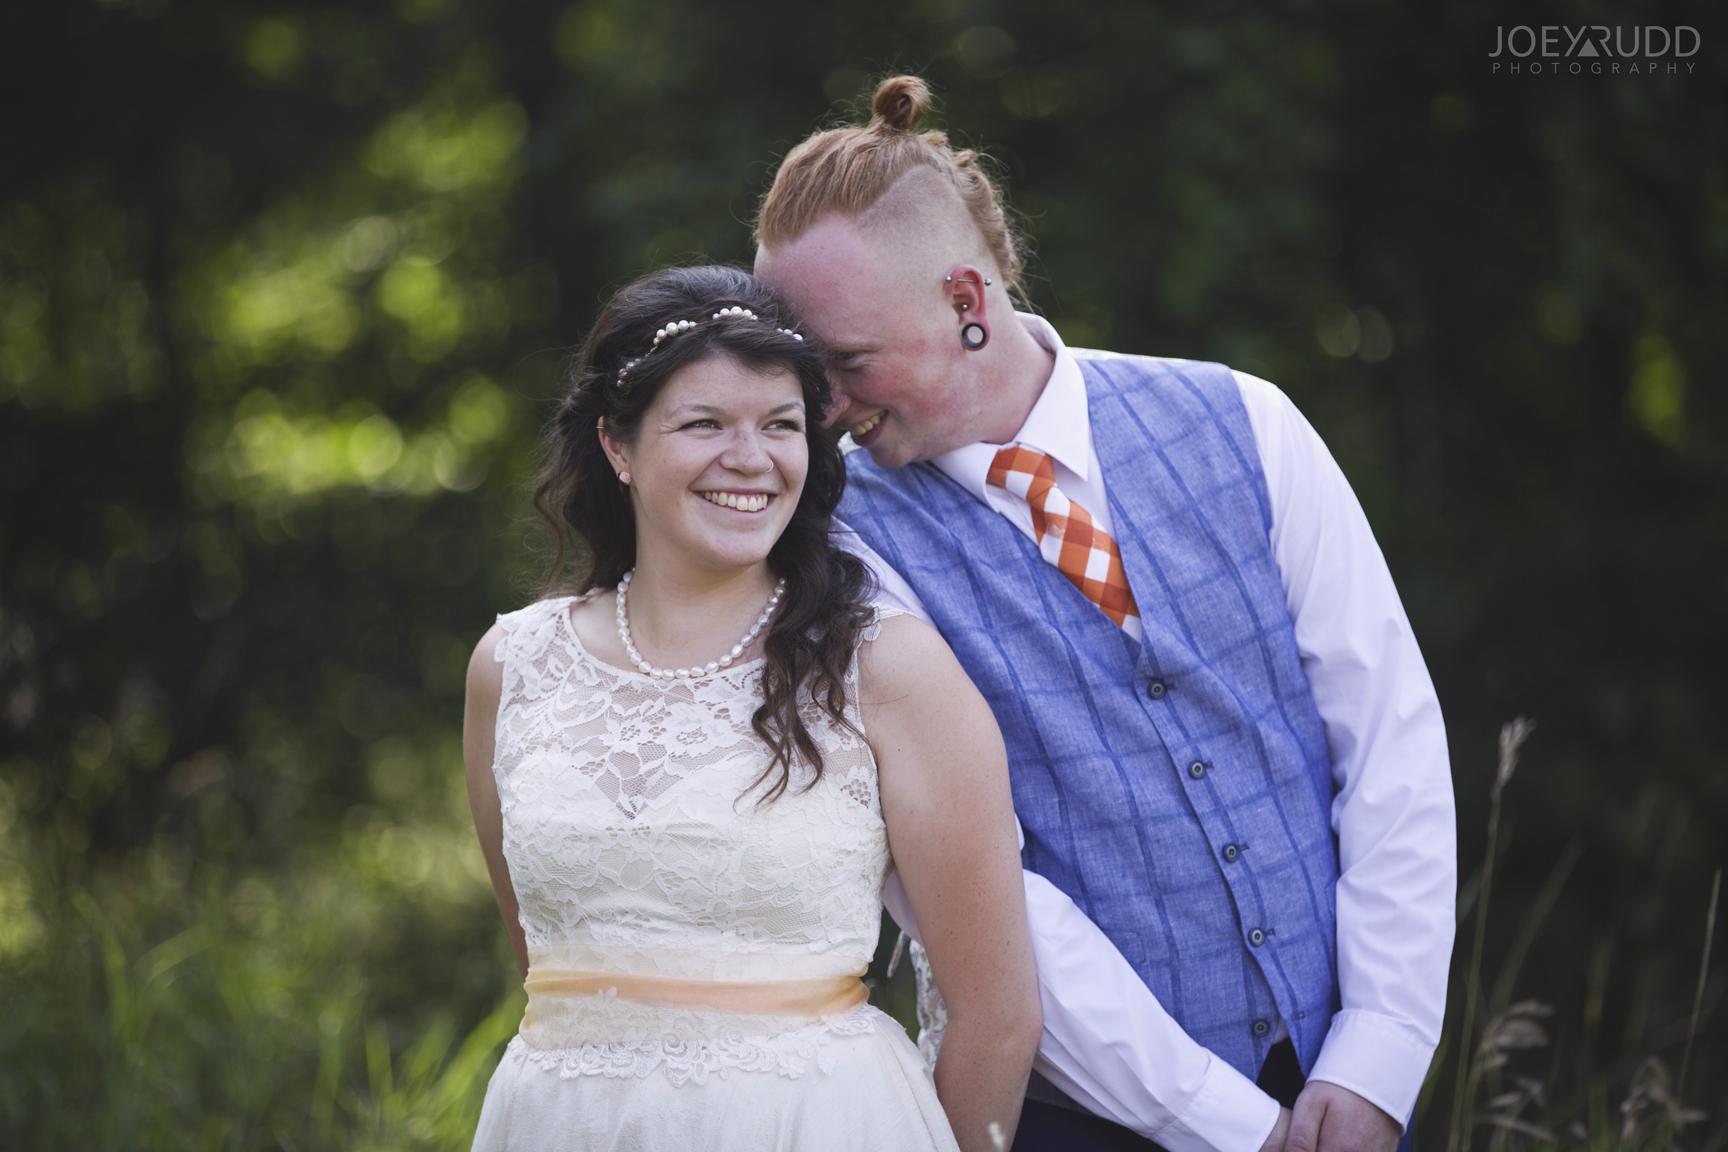 Kingston Wedding Photographer Joey Rudd Photography Backyard Non-traditionalWedding